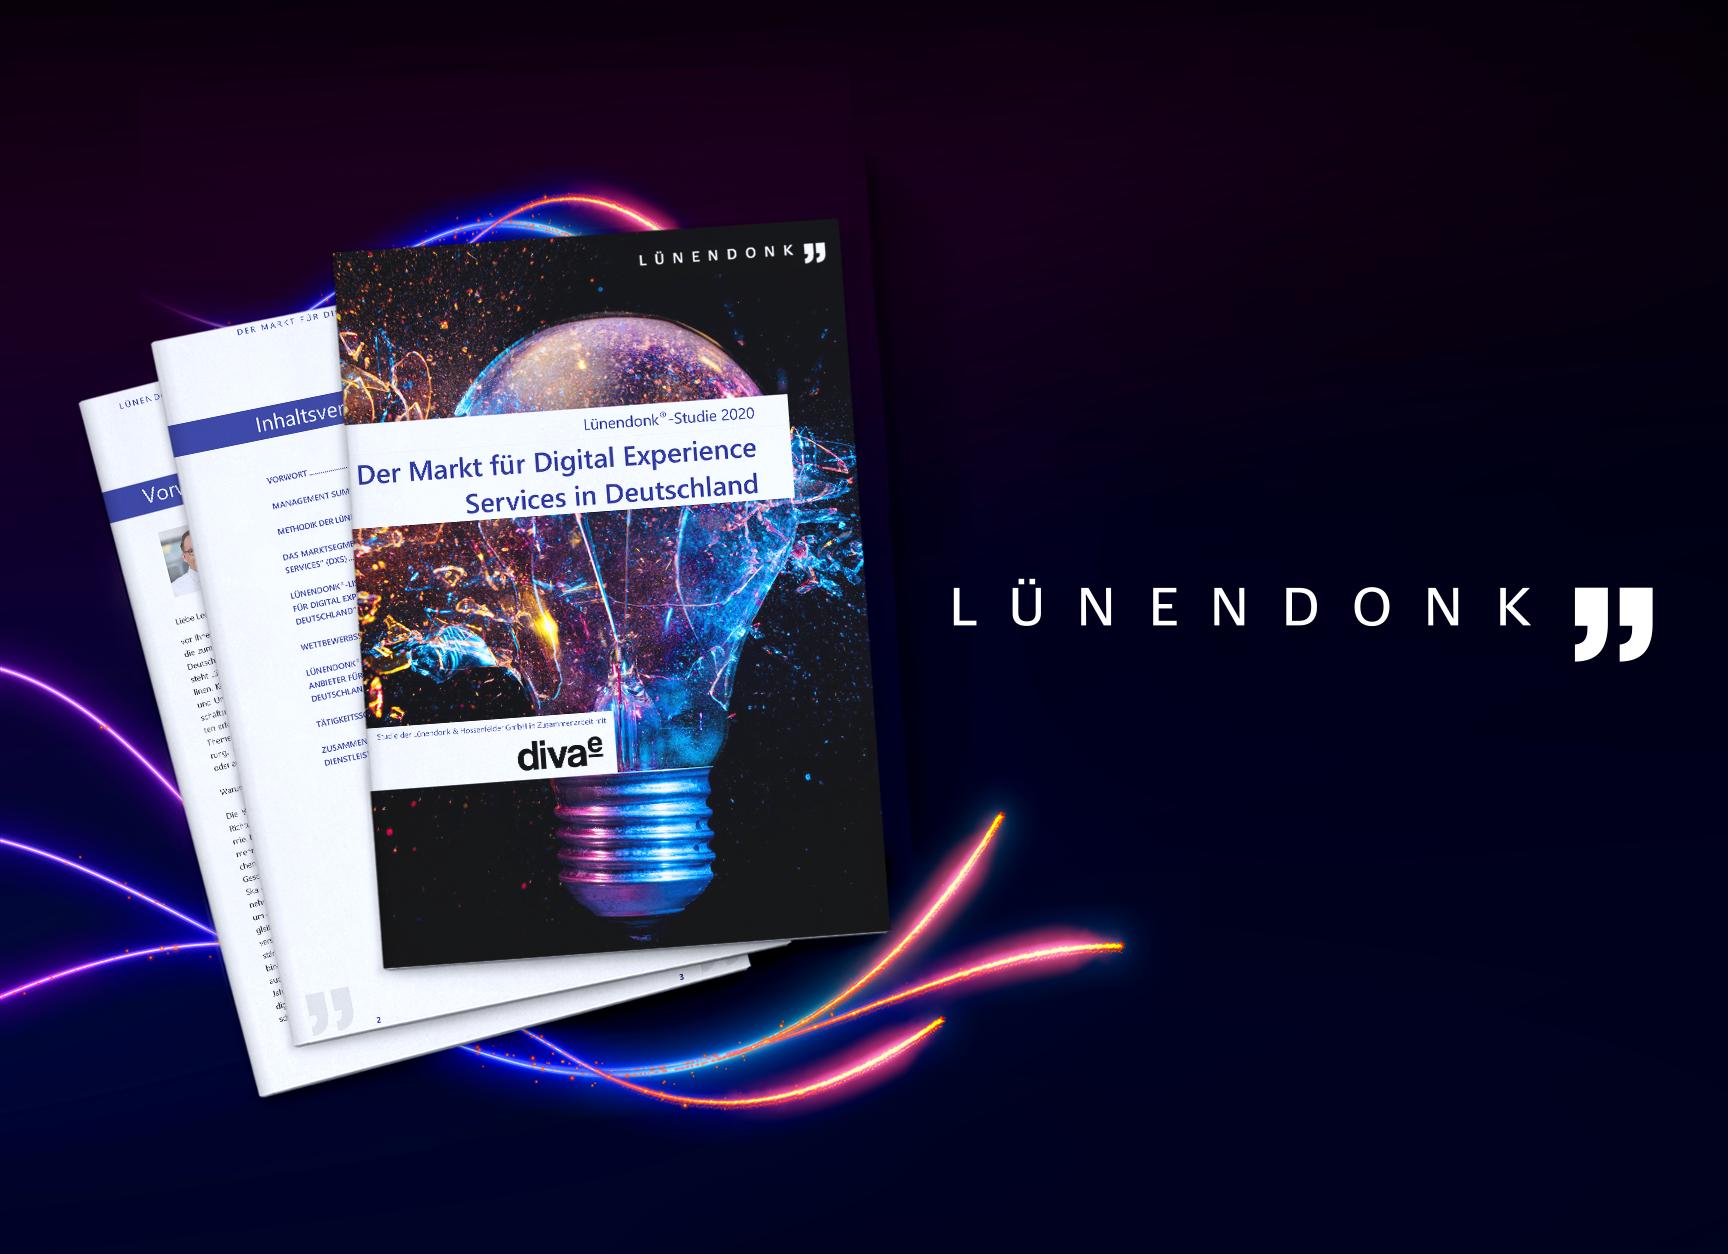 Lünendonk-Studie 2020 benennt die Top-Anbieter für Digital Experience Services